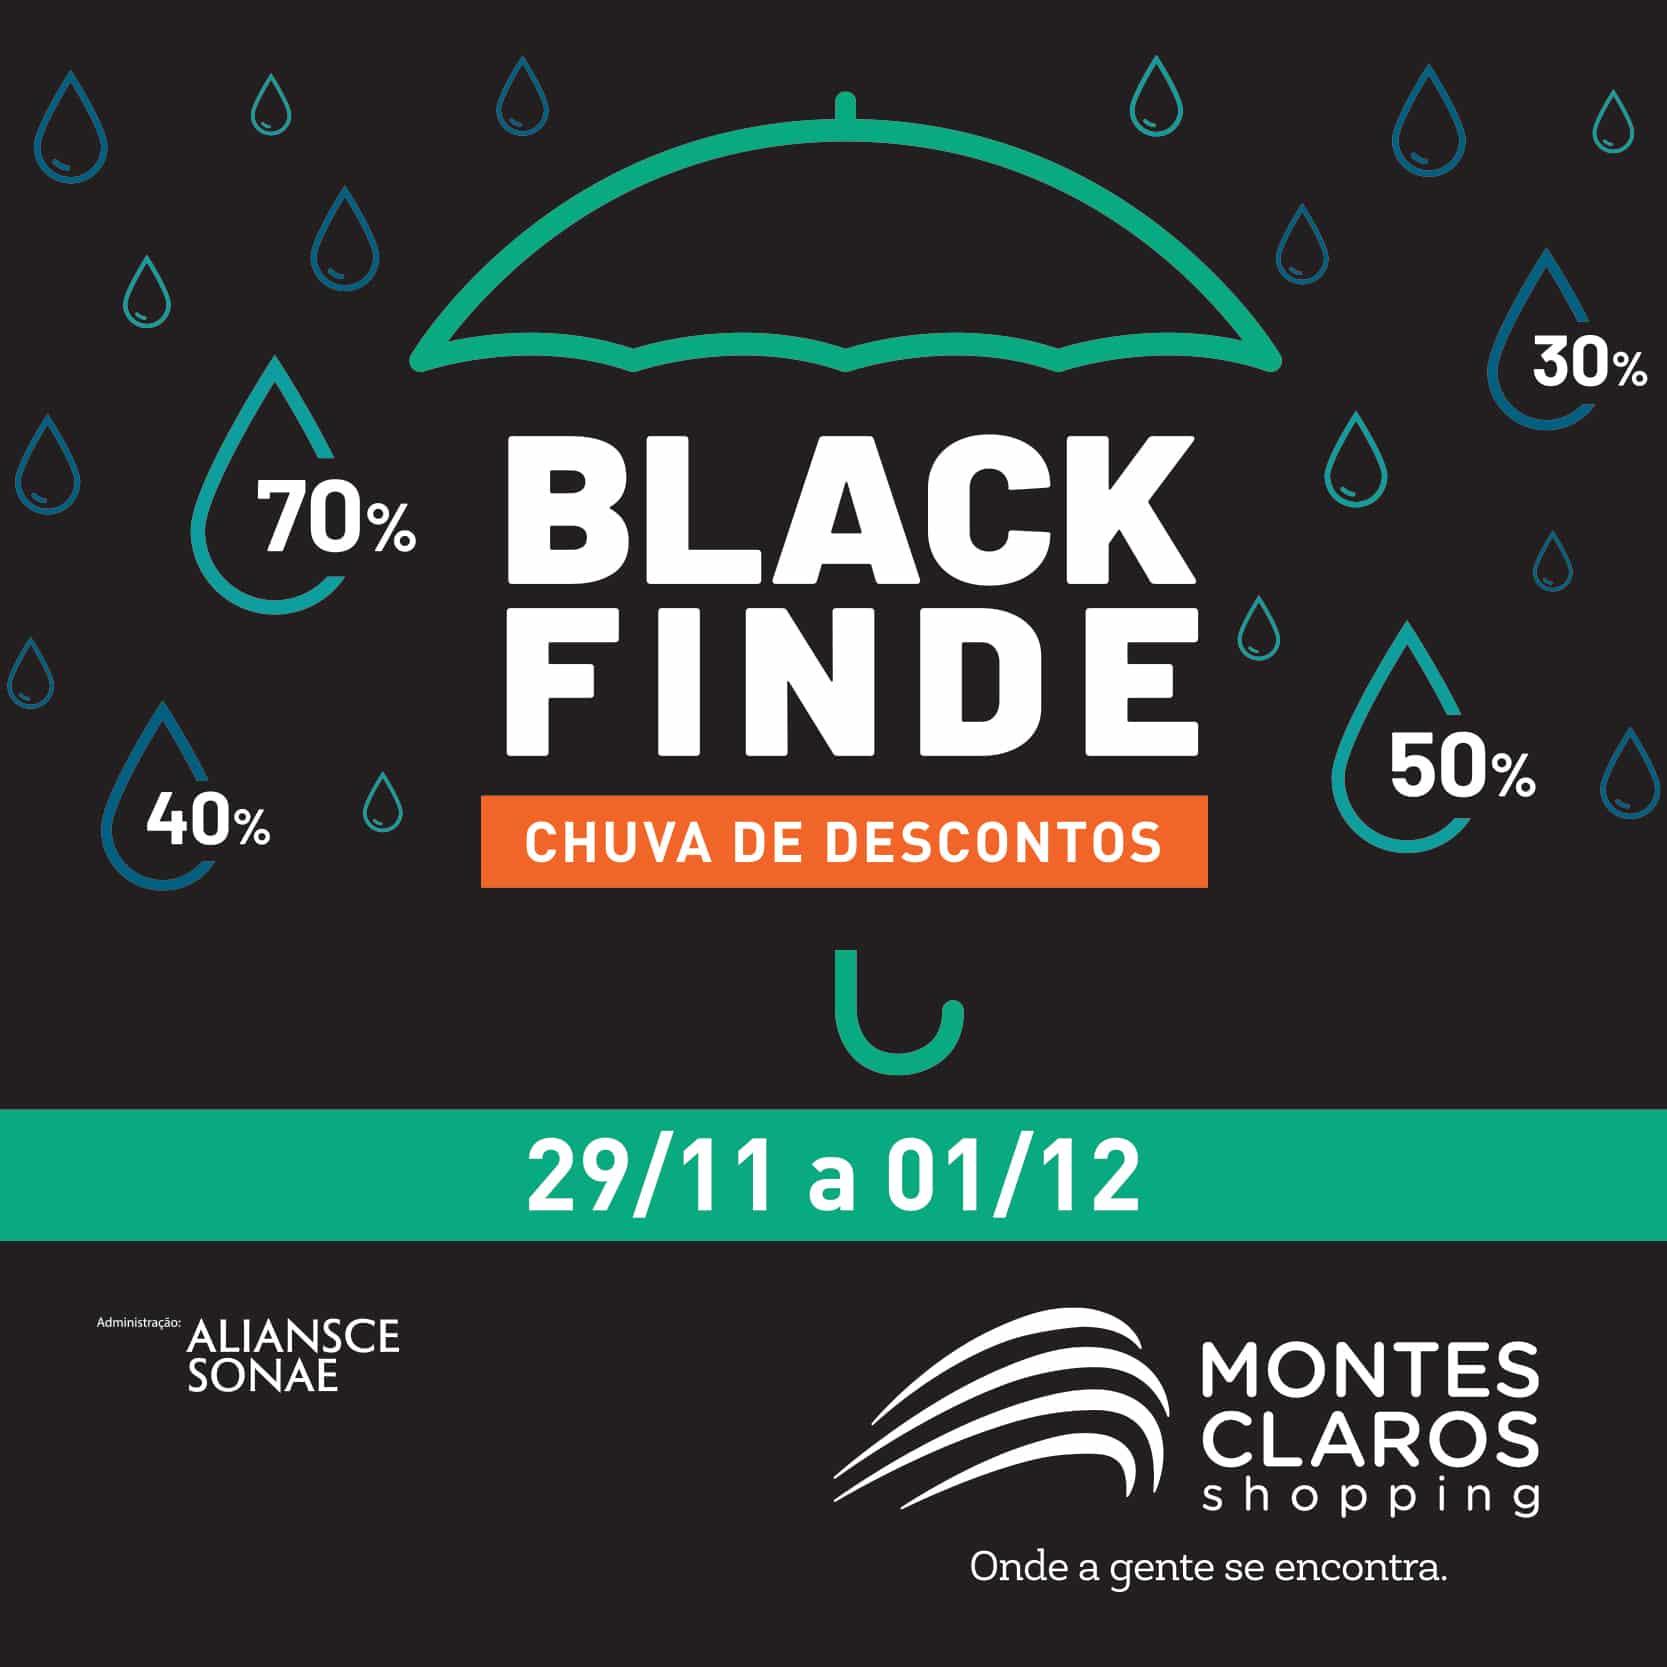 Montes Claros - Promoções imperdíveis no Black Finde do Moc Shopping